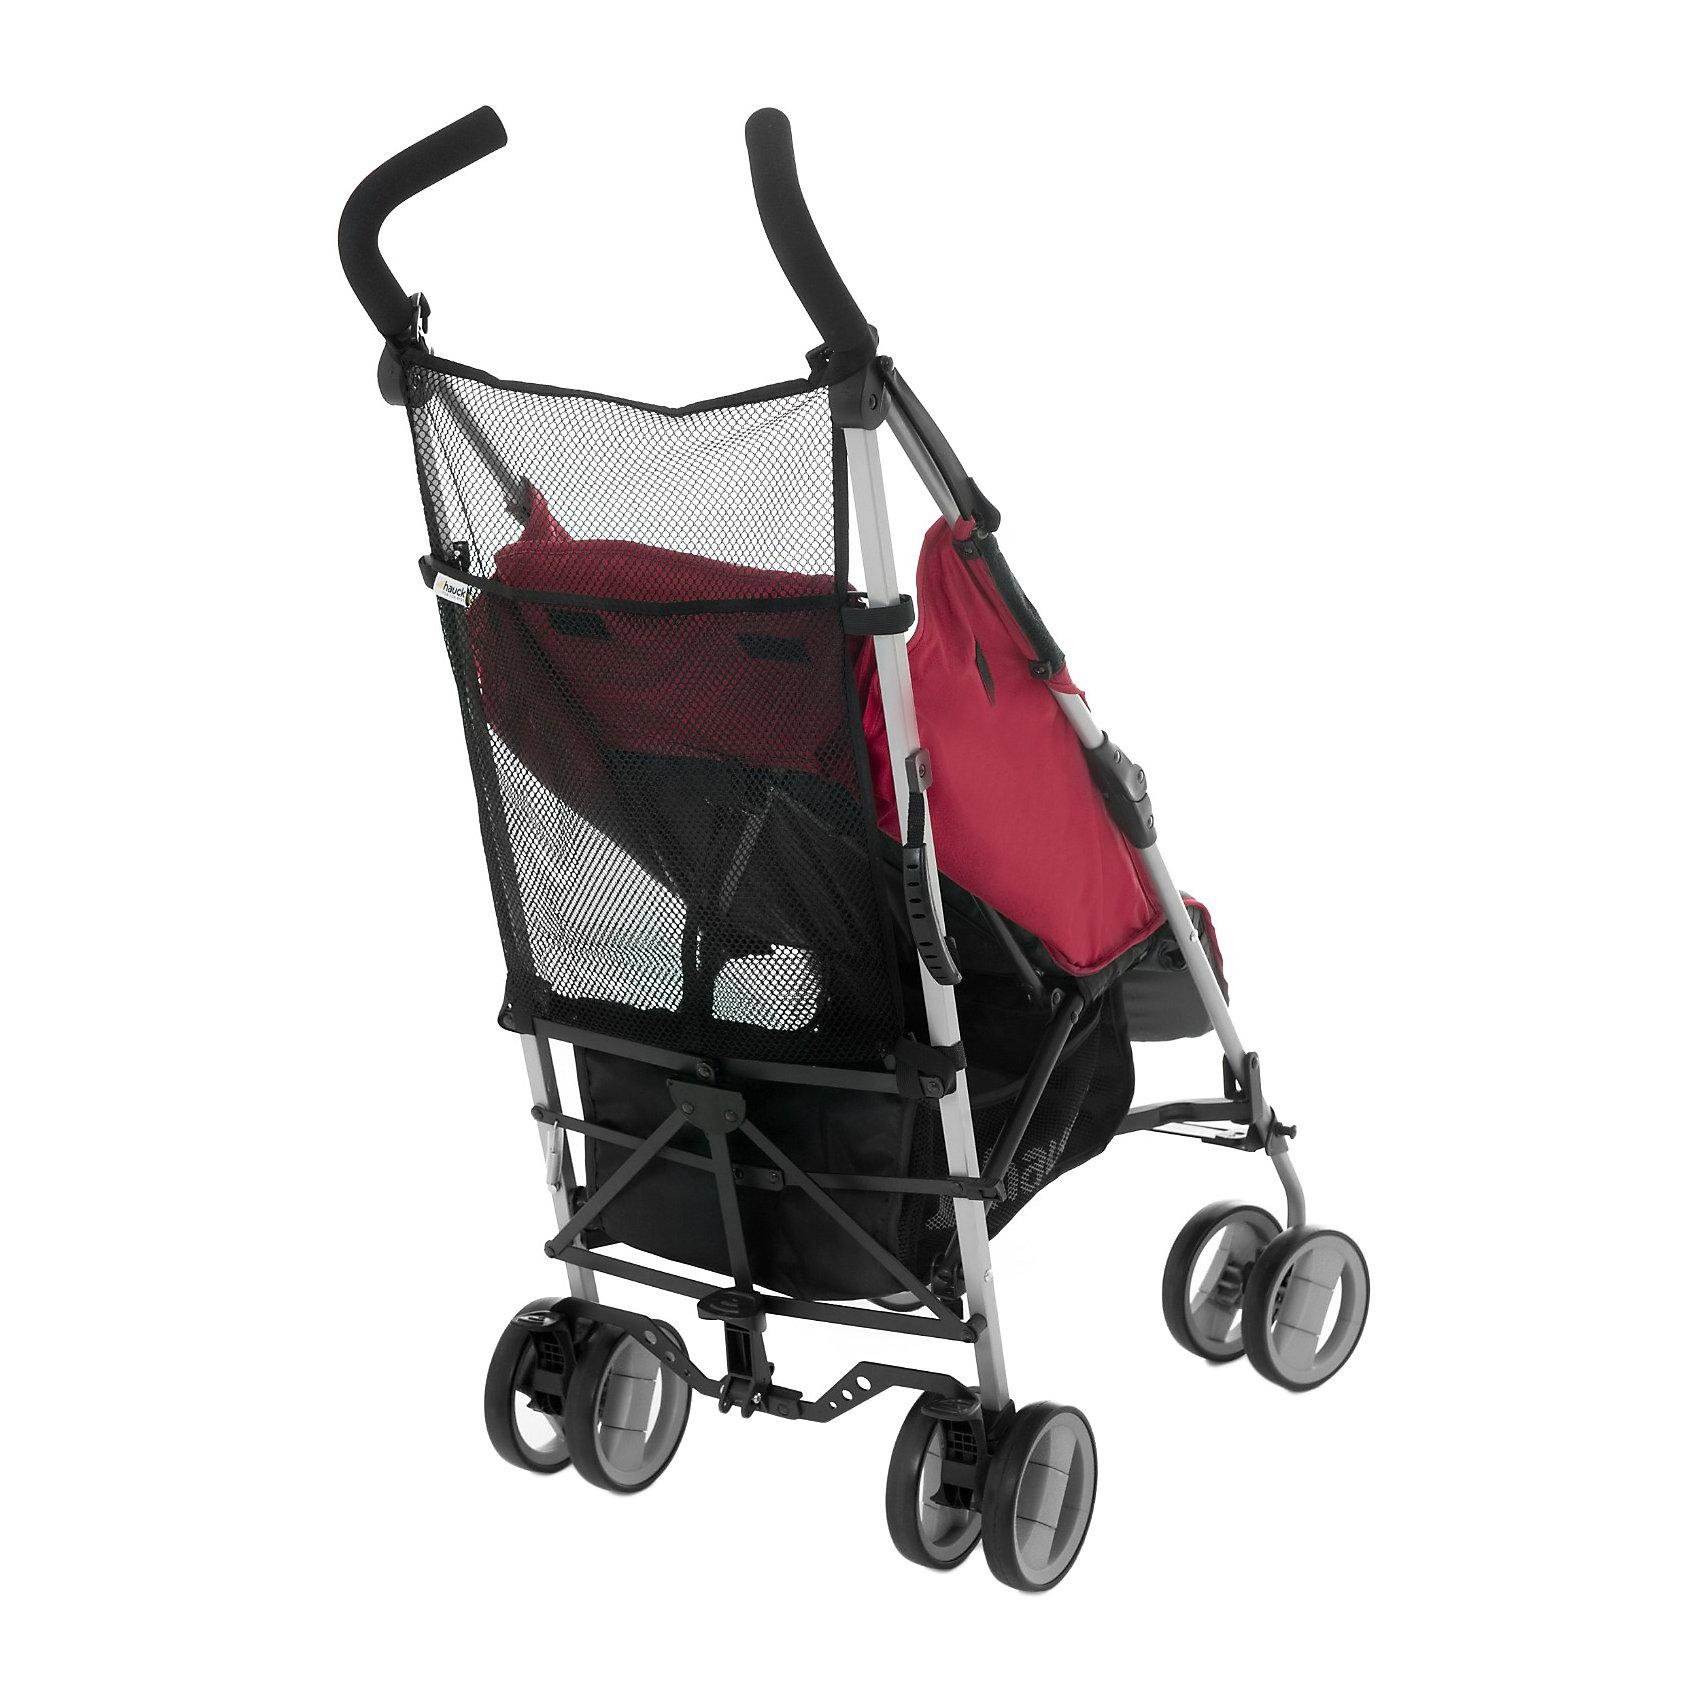 Сетка для покупок для коляски Buy me, Hauck<br><br>Ширина мм: 171<br>Глубина мм: 106<br>Высота мм: 43<br>Вес г: 132<br>Возраст от месяцев: 0<br>Возраст до месяцев: 36<br>Пол: Унисекс<br>Возраст: Детский<br>SKU: 3311354